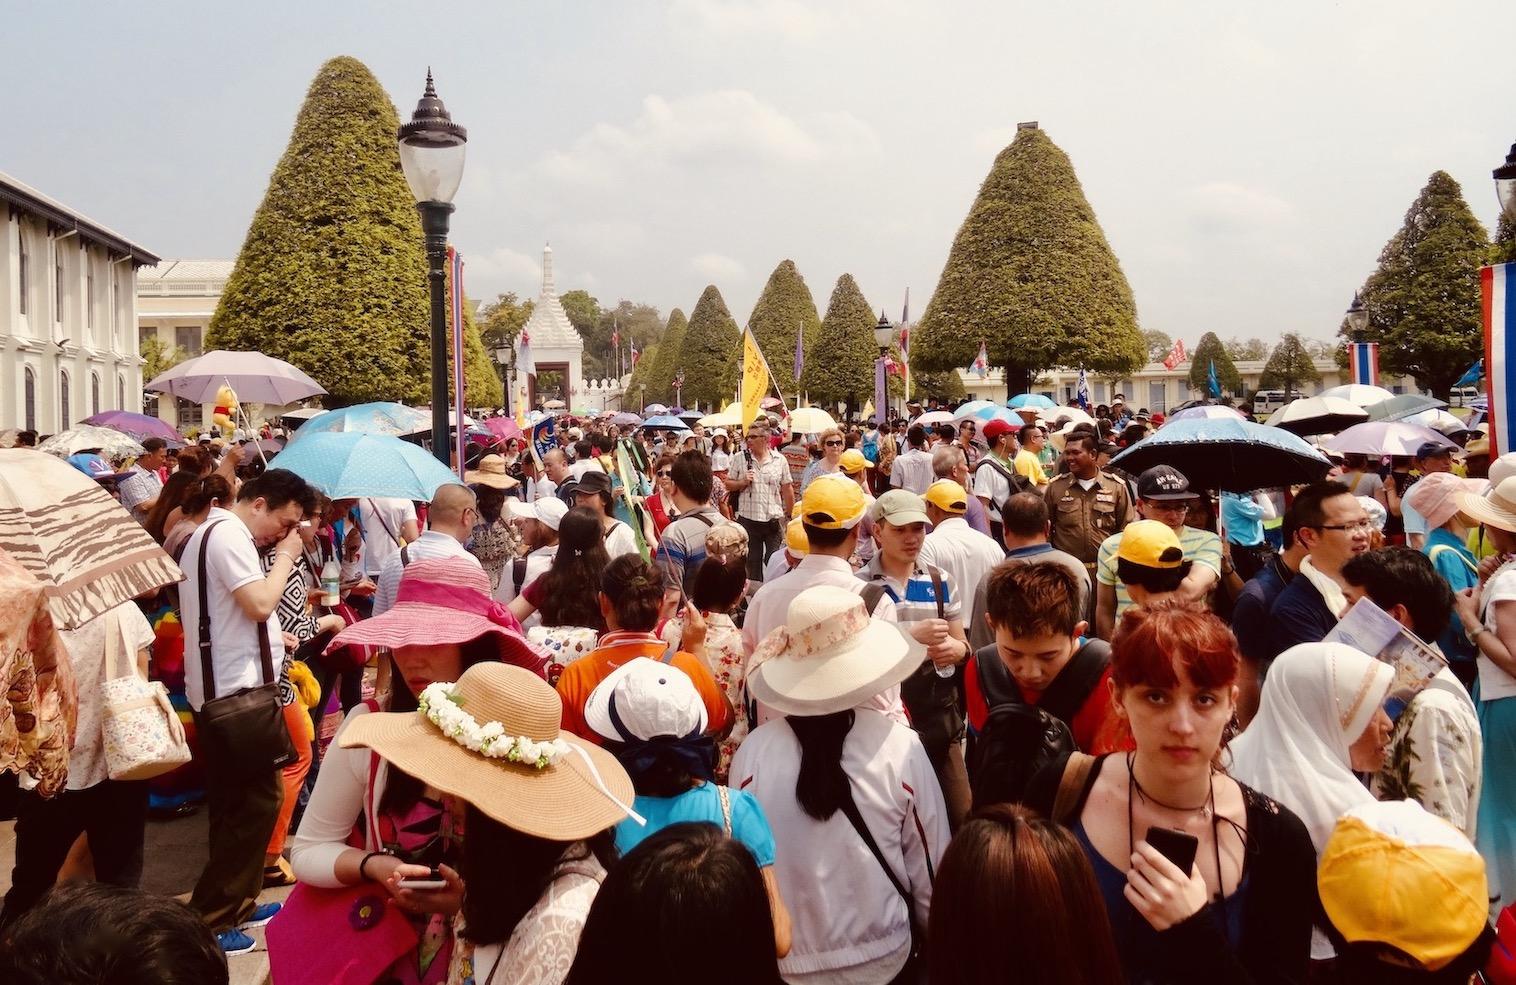 Crowds at The Grand Palace in Bangkok